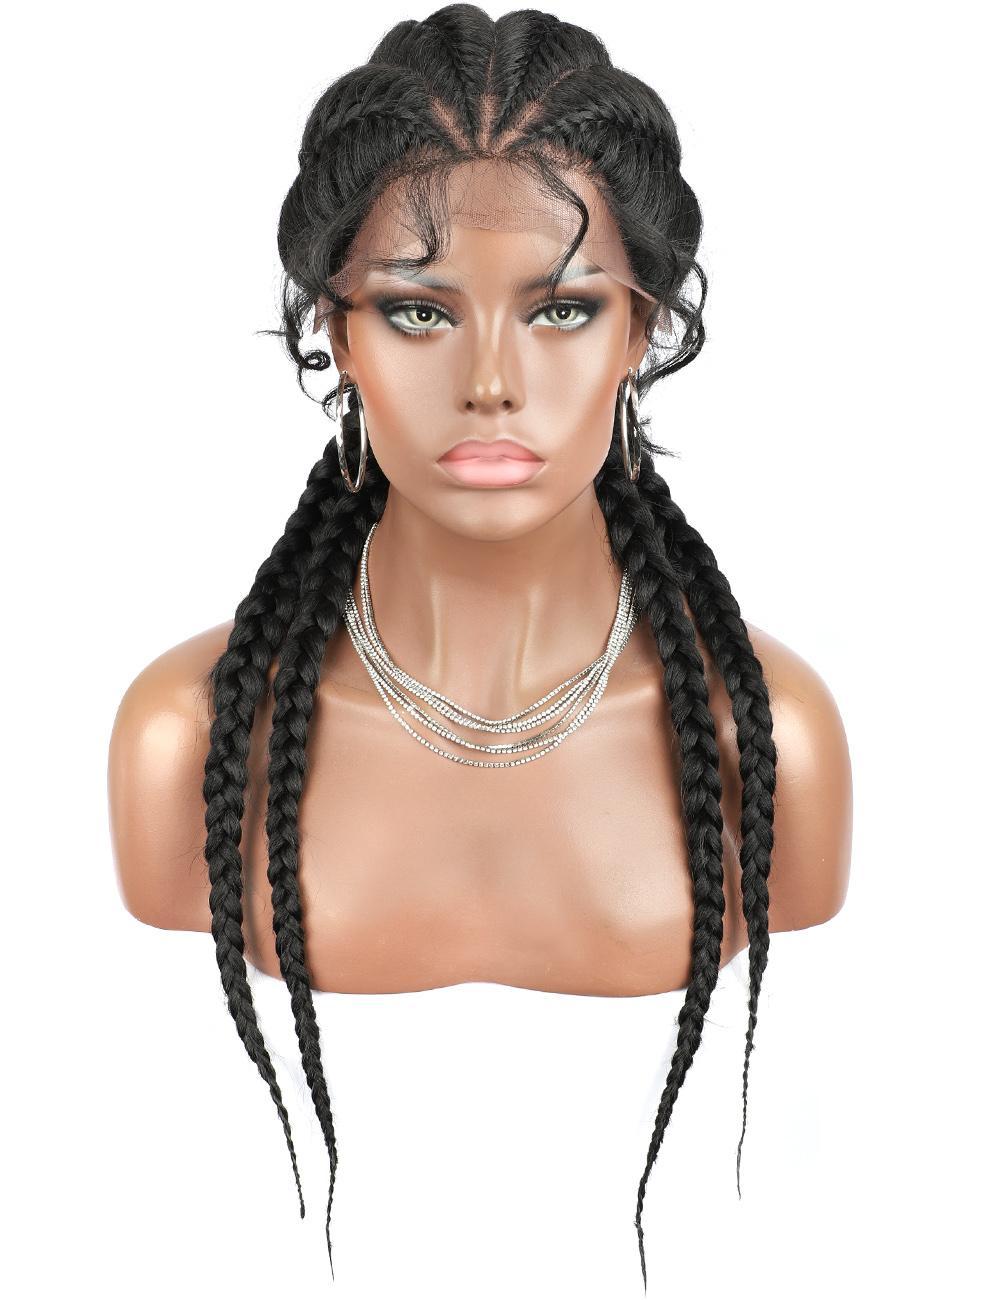 26 Zoll Perücken Synthetische Spitze Front Perücke für Schwarze Frauen Perücke Gerade Haar Afro Amerikanische Frauen Perücken Faux Locs Perücke